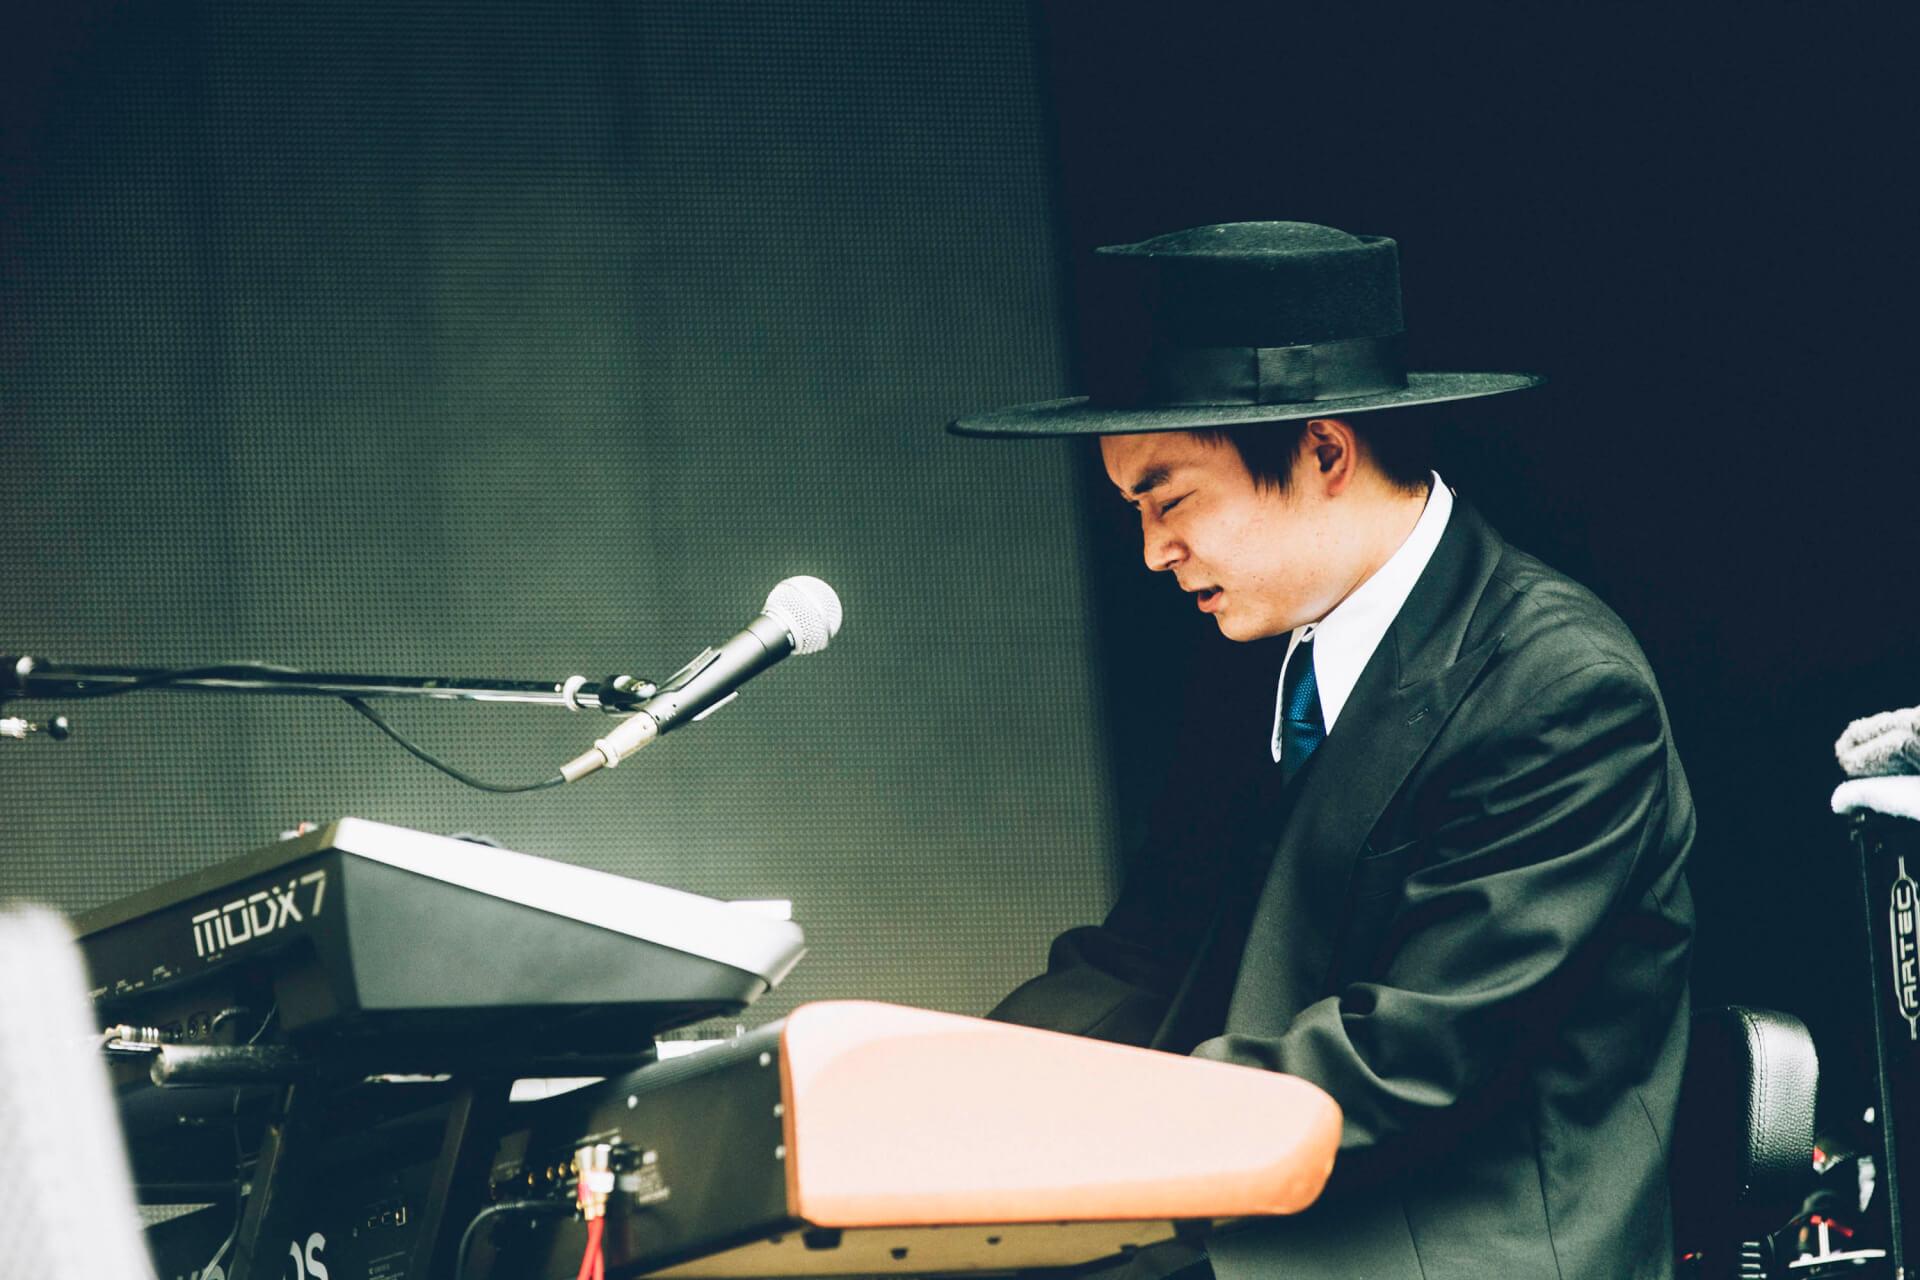 振り返るフジロック2019 SANABAGUN. music190823_fujirock_sanabagun_400.jpg